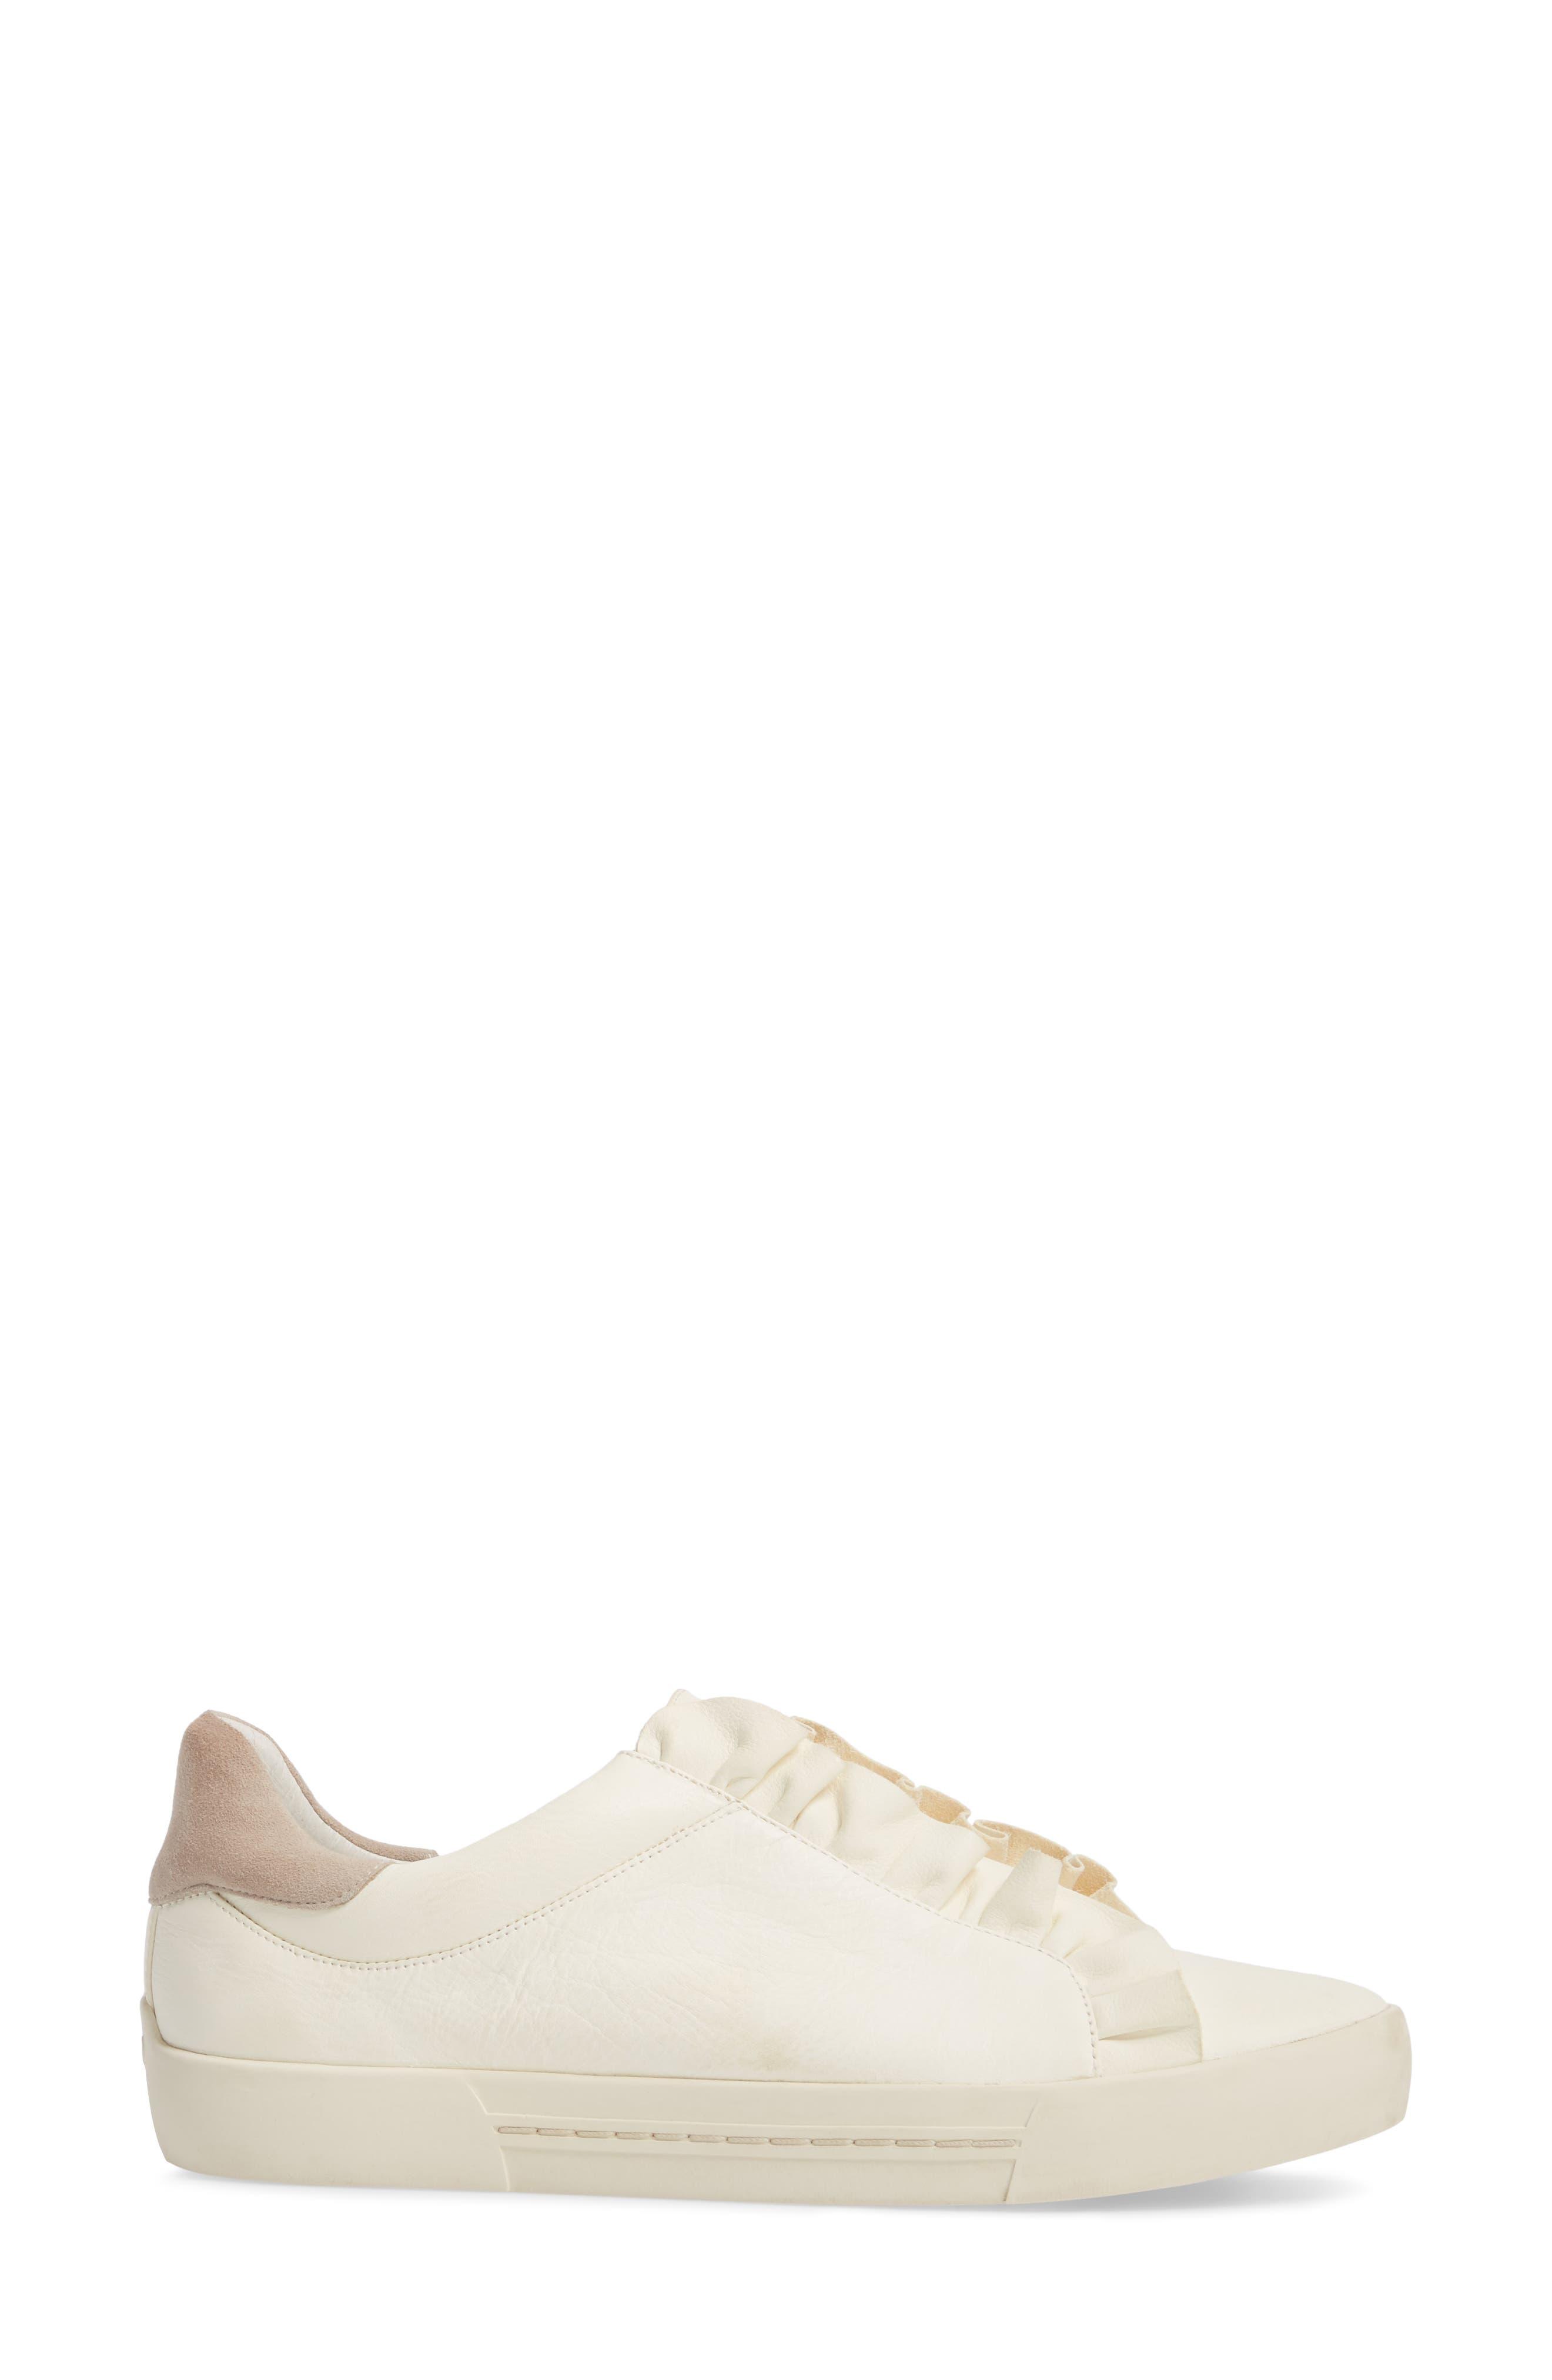 Daw Ruffle Slip-On Sneaker,                             Alternate thumbnail 3, color,                             900